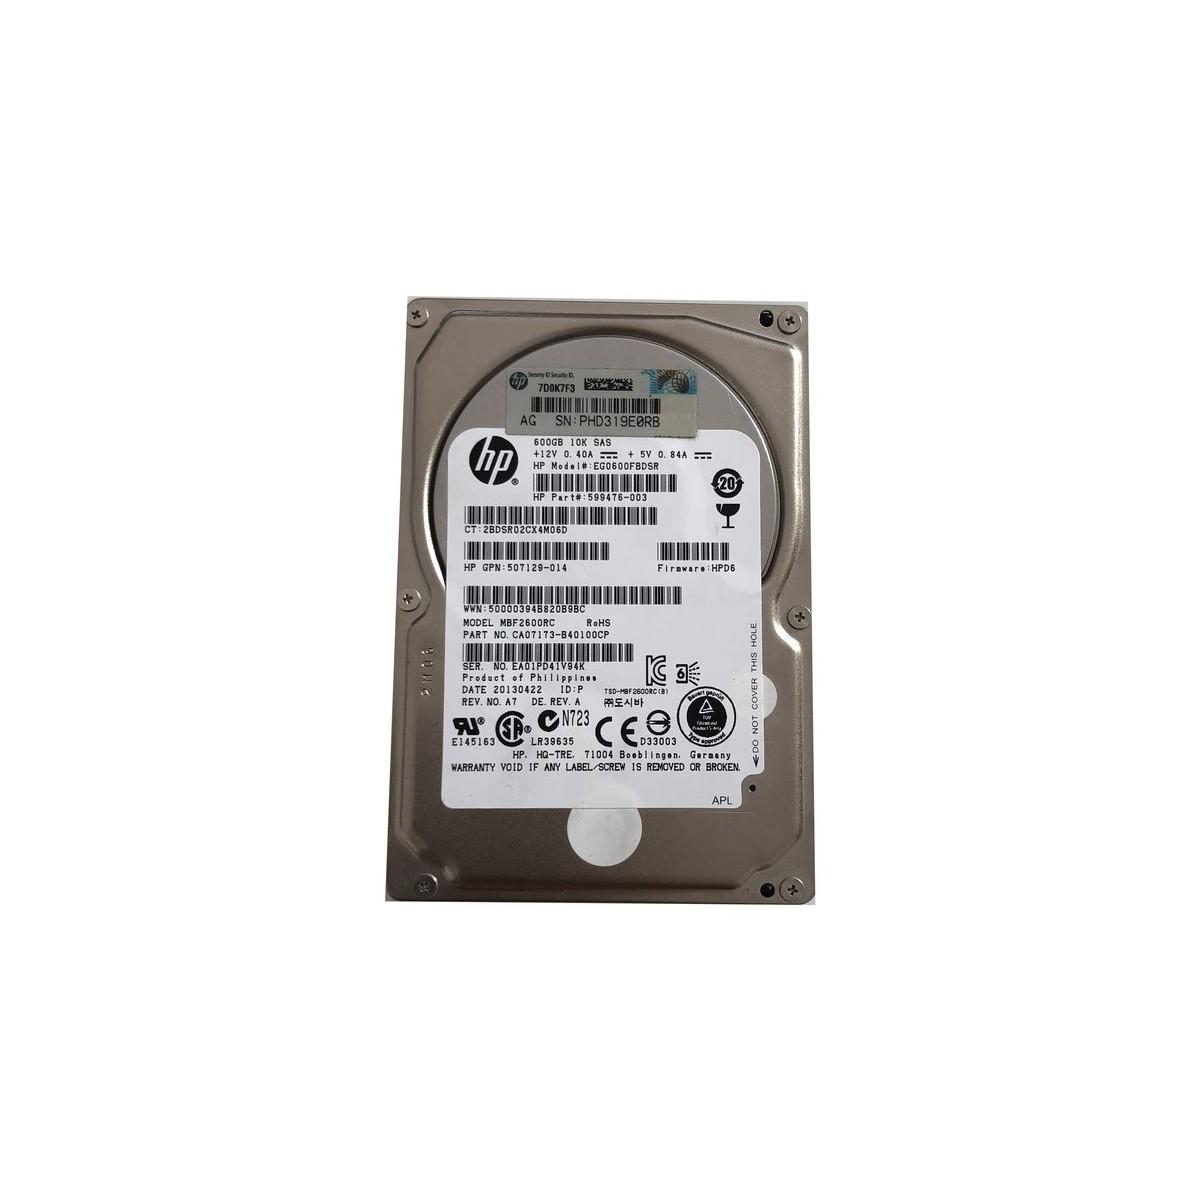 DYSK TWARDY HP 600GB SAS 10k 2.5 599476-003